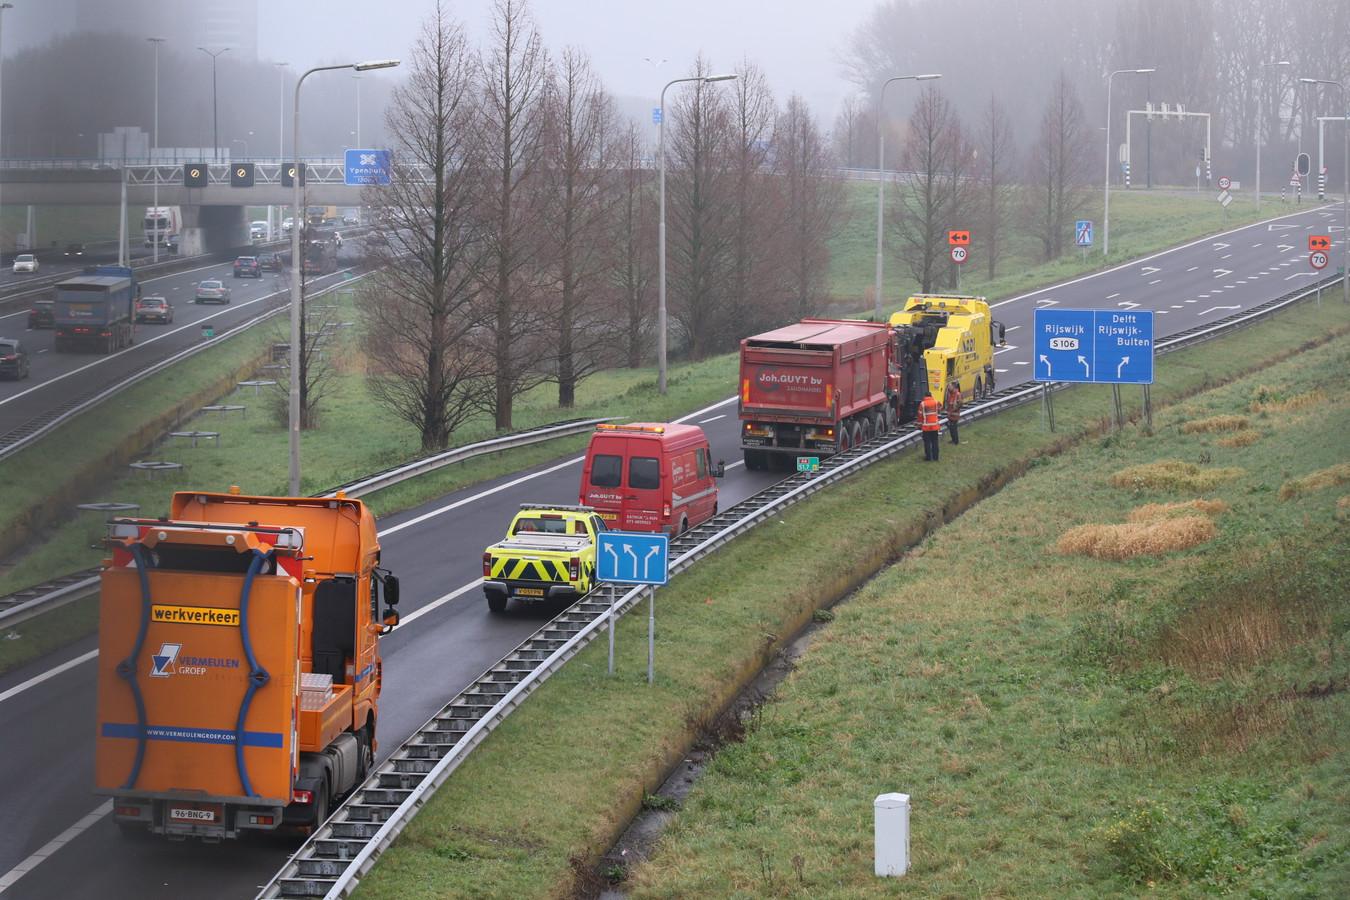 De afsluiting van de afrit 11 Rijswijk door een vrachtwagen met pech.